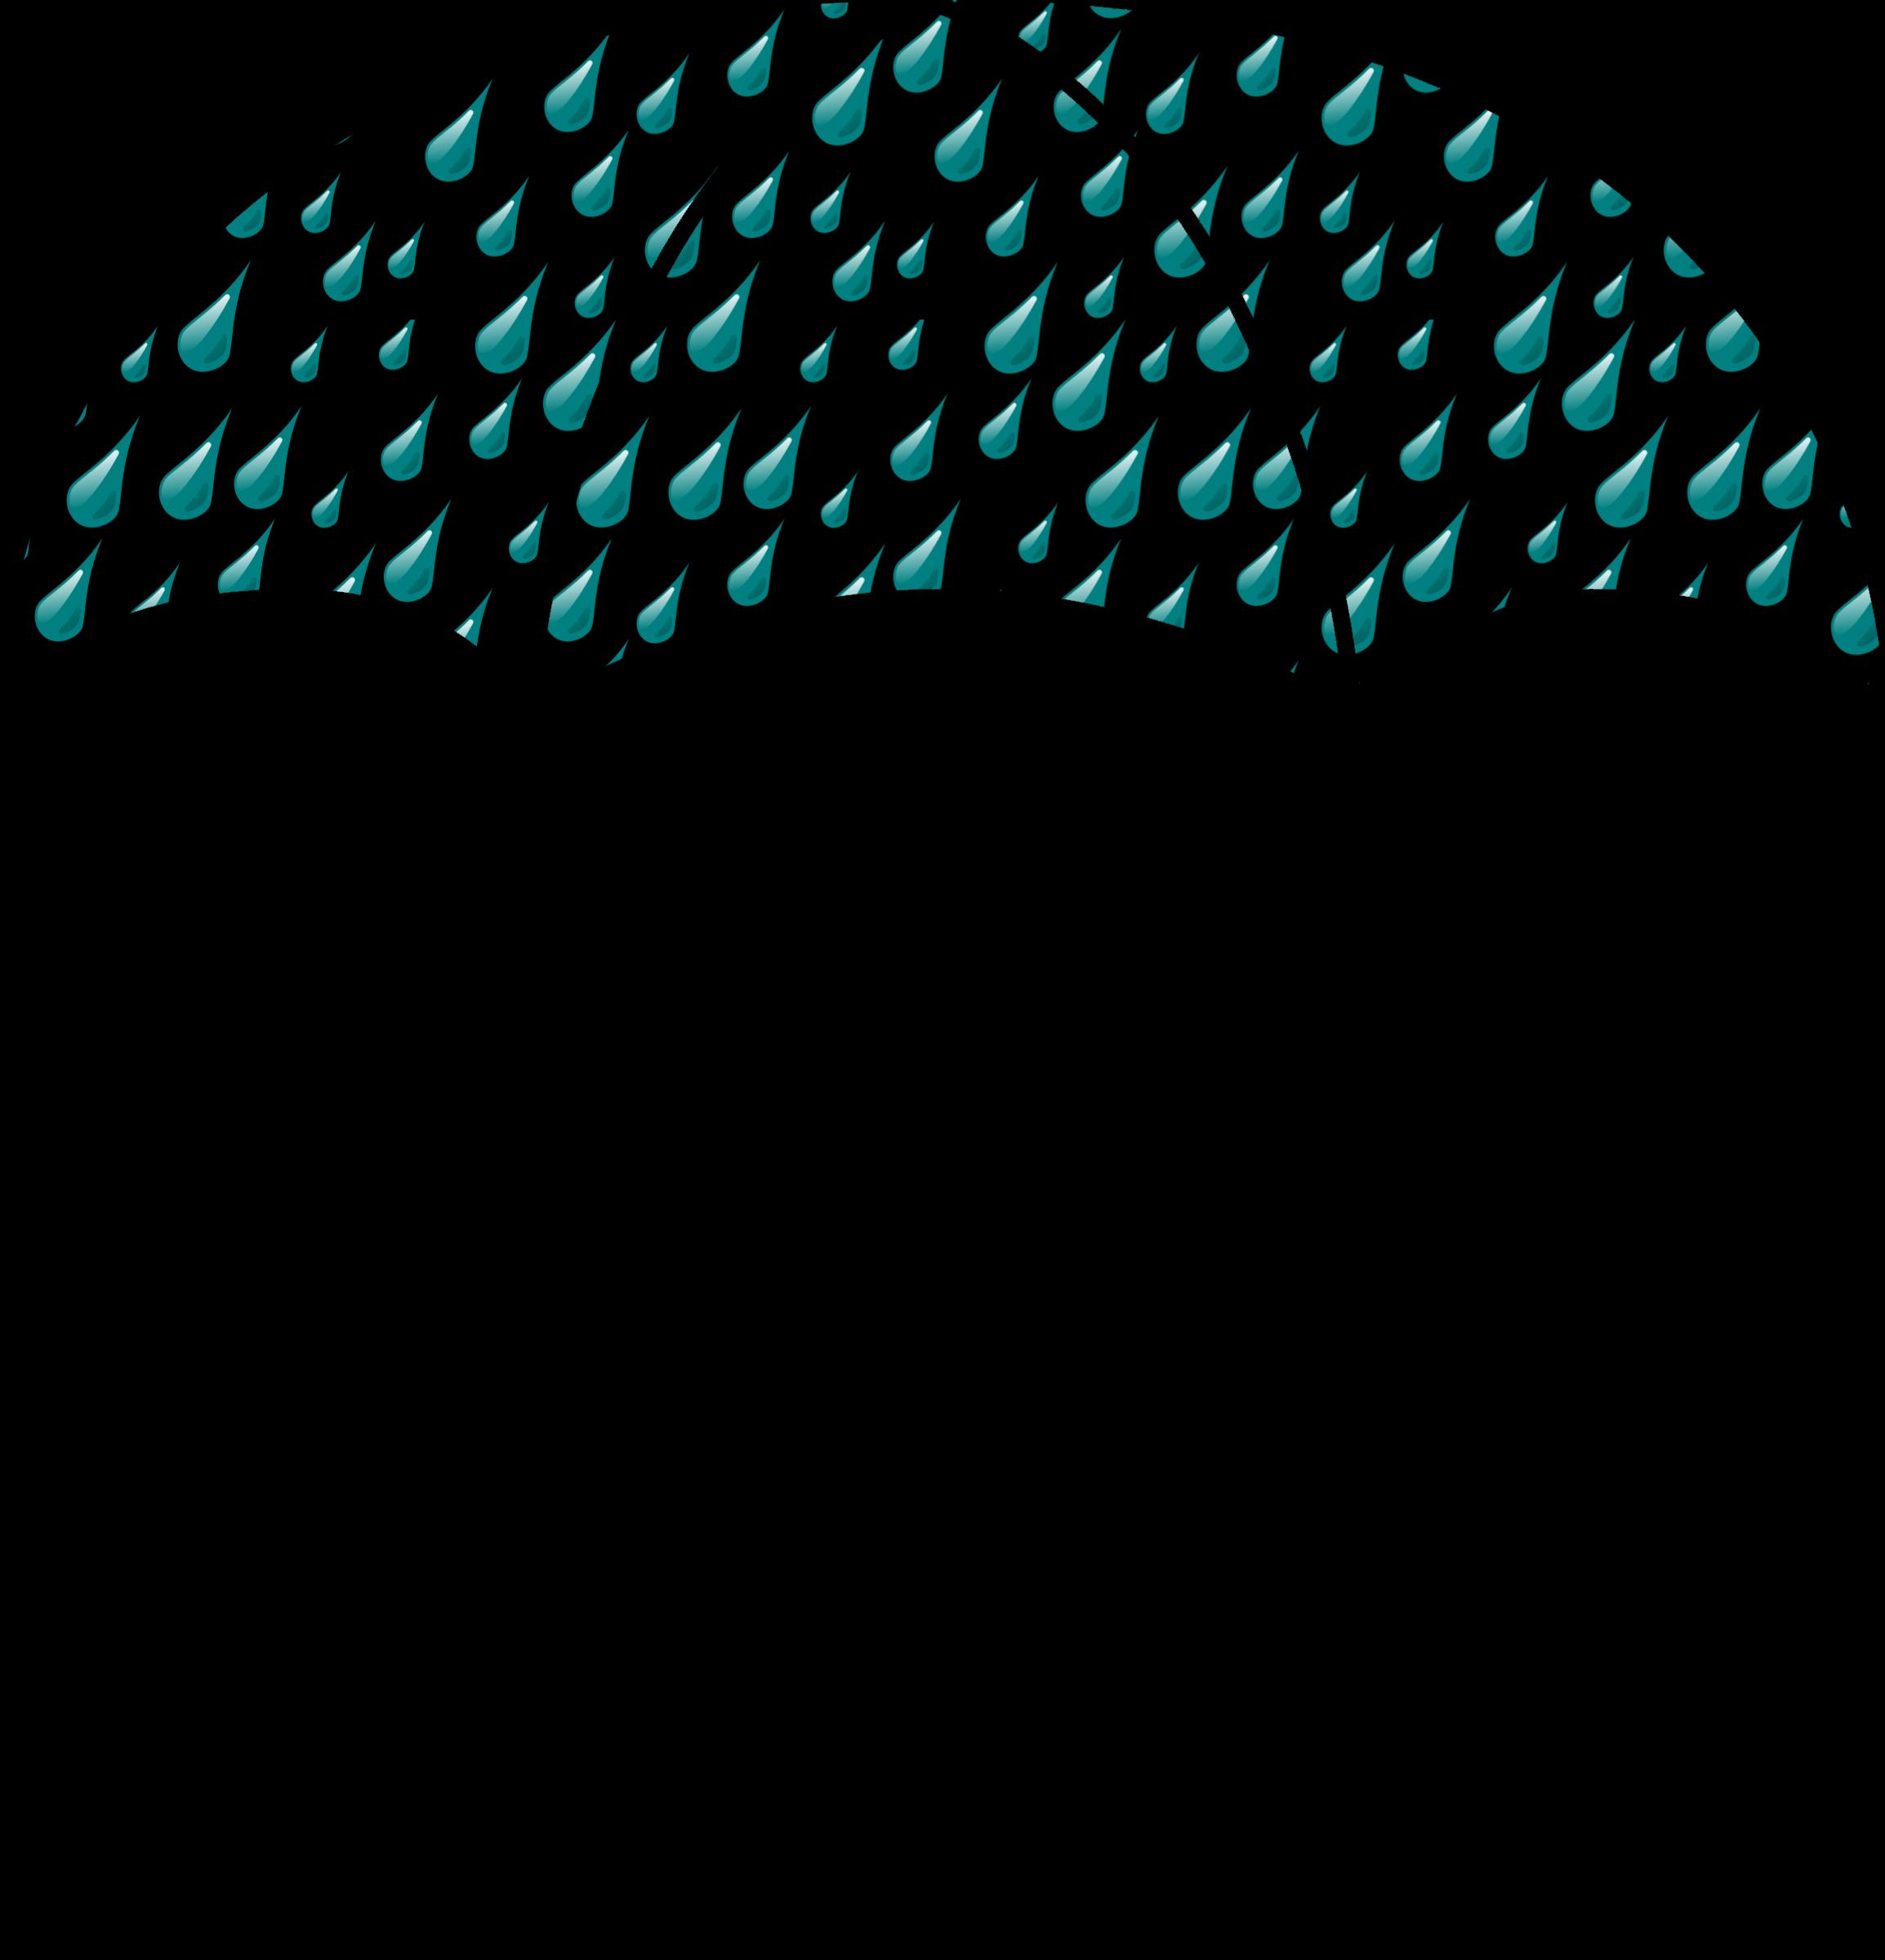 Clipart umbrella pdf. Big image png